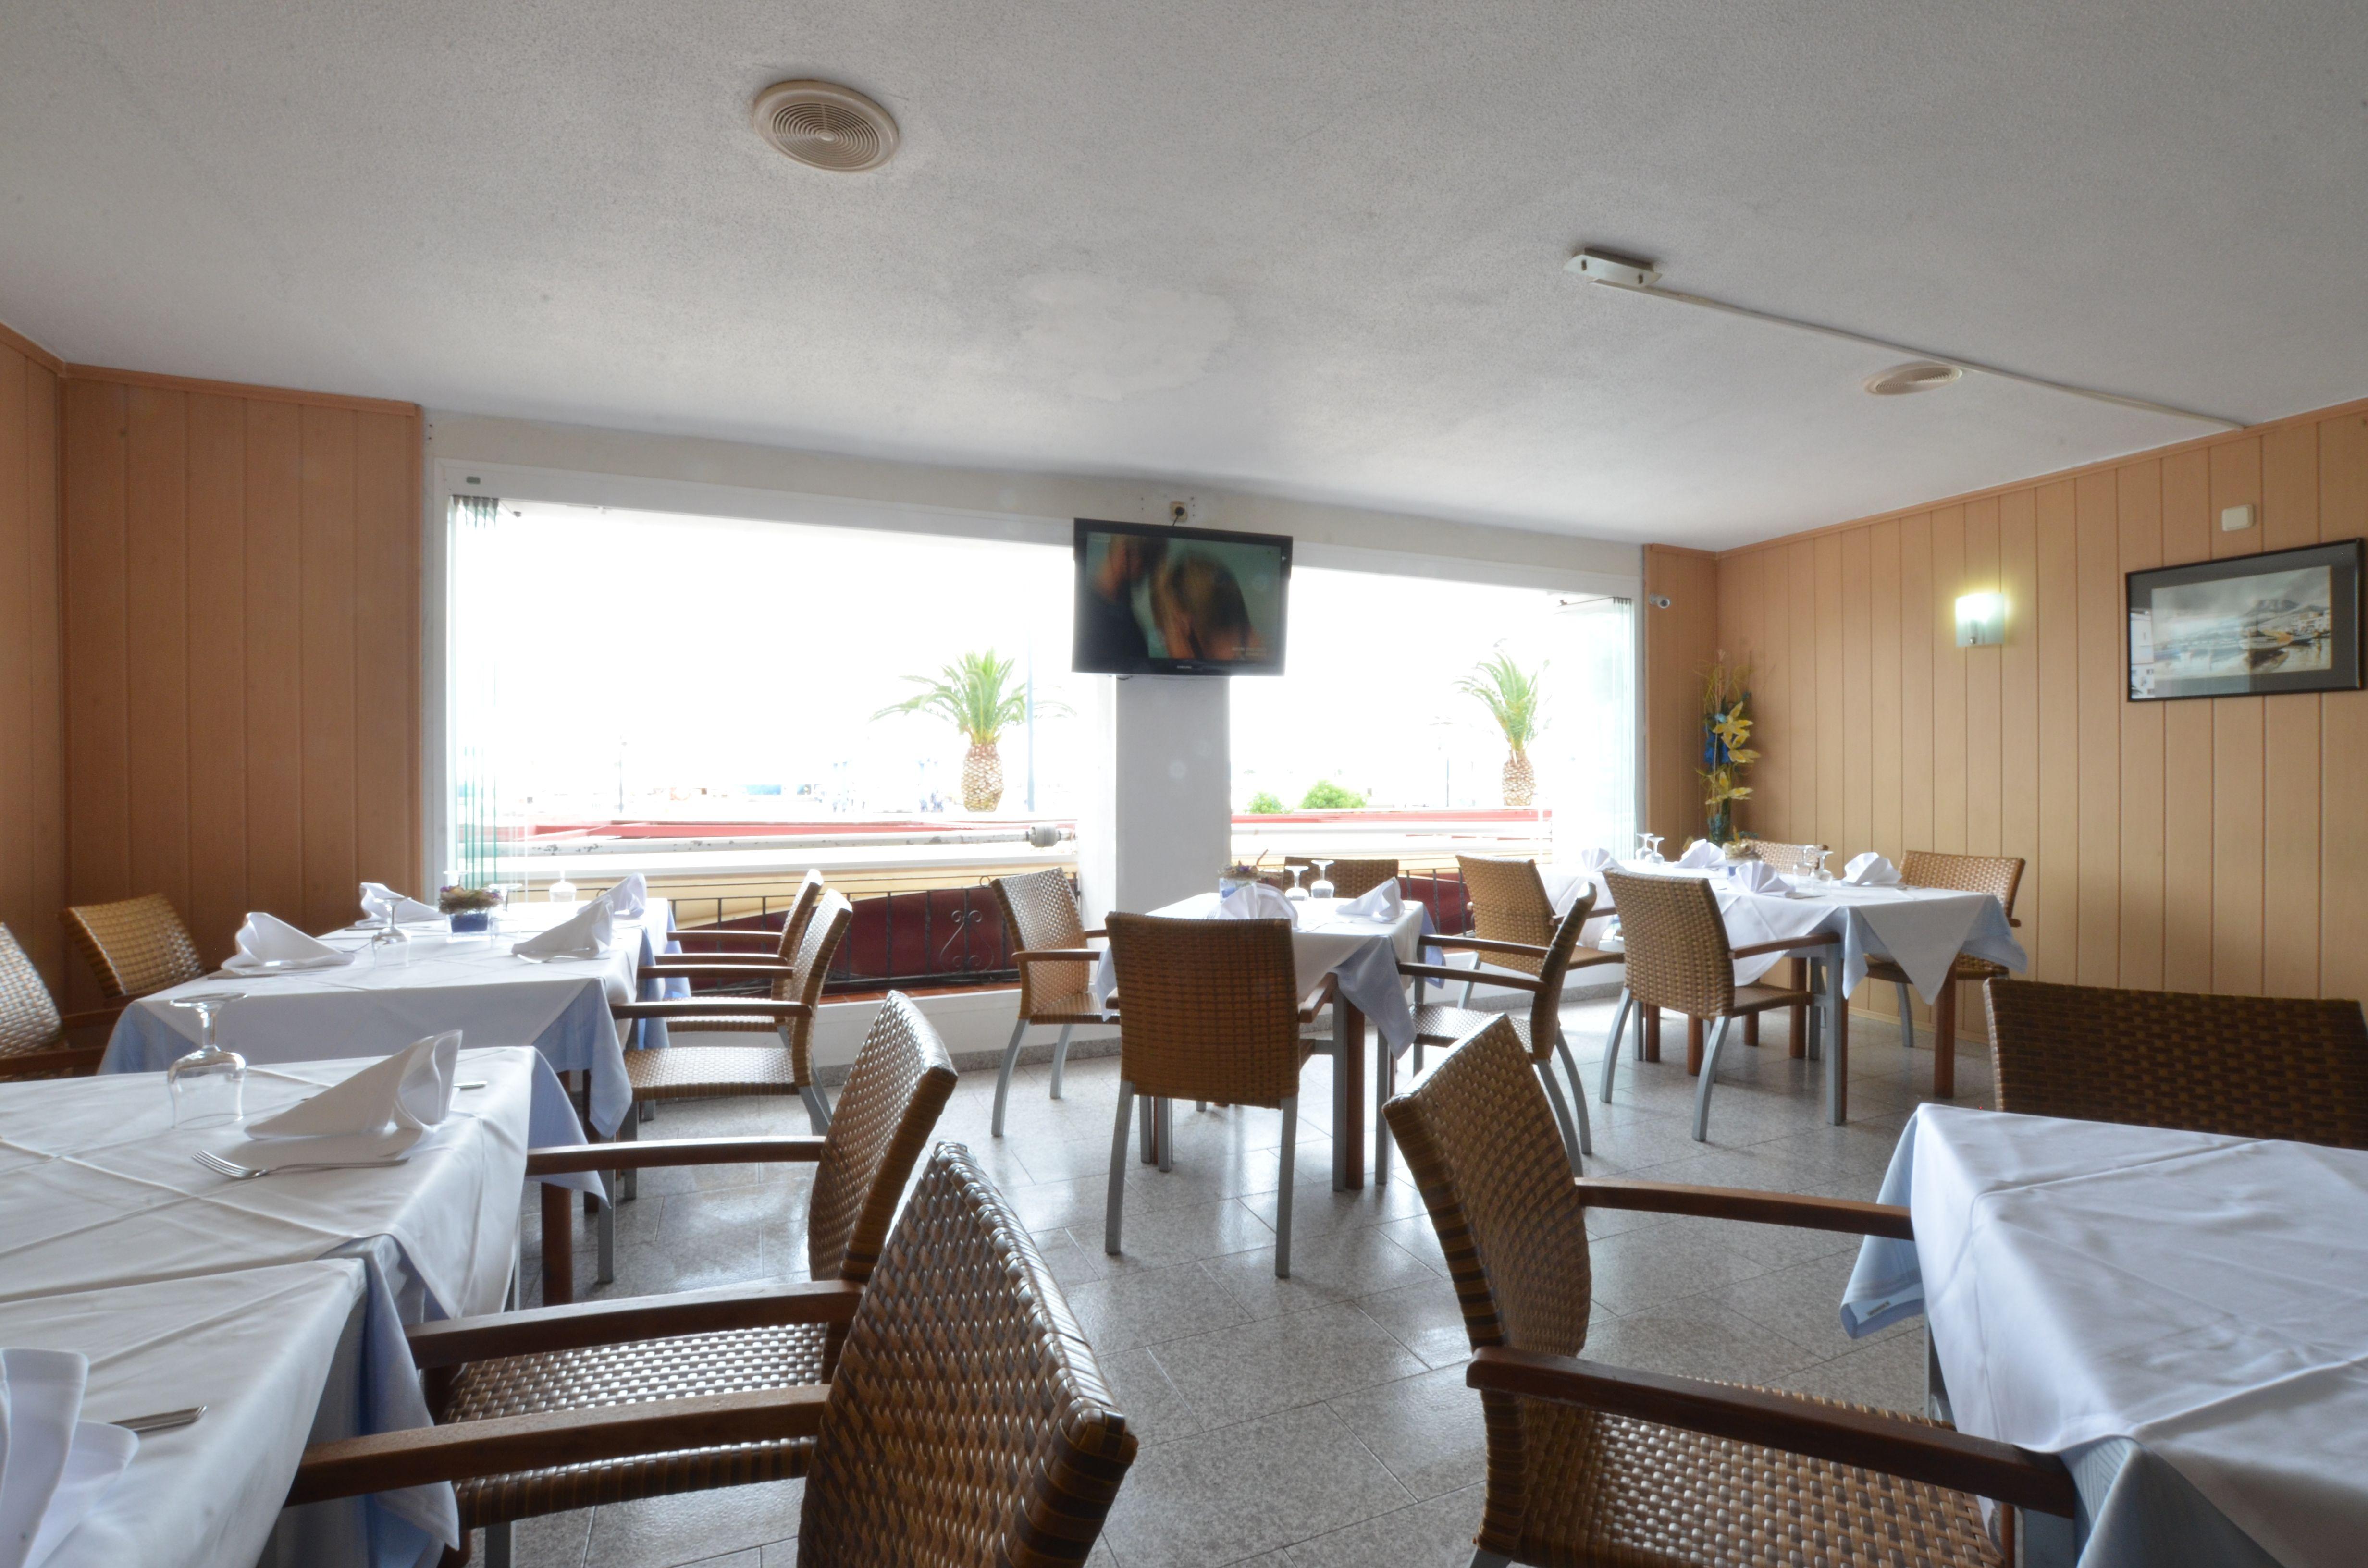 Foto 20 de Restaurante en Torroella de Montgrí | Restaurant Rosamar